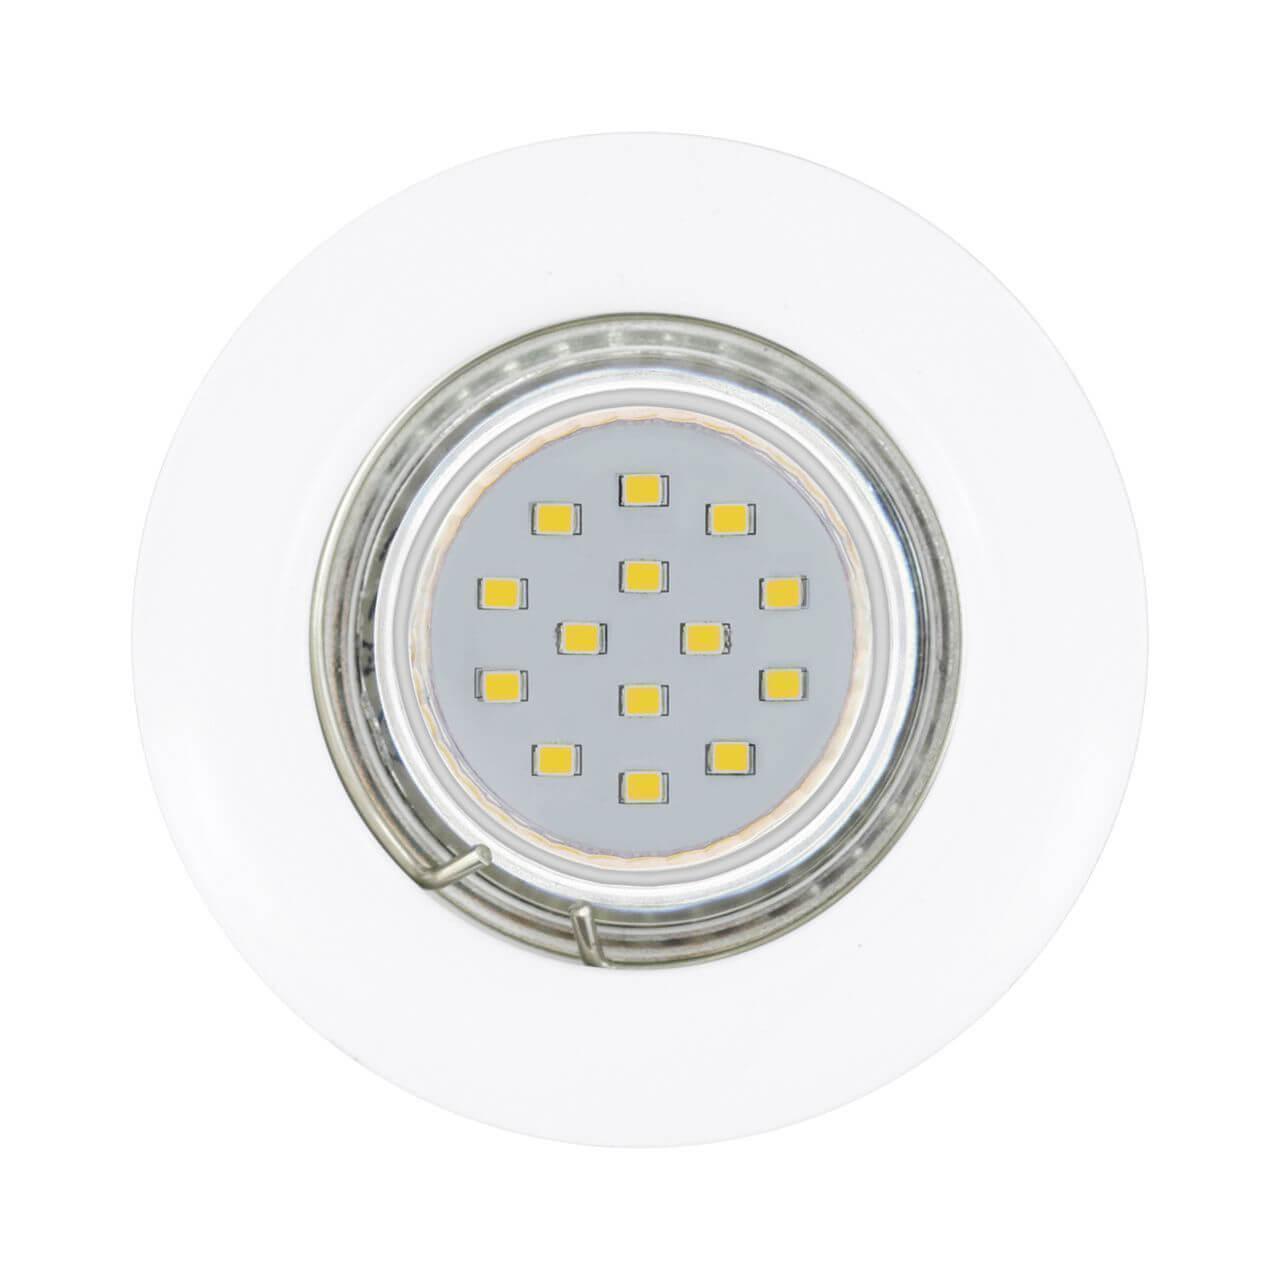 Светильник Eglo 94235 Peneto встраиваемый светодиодный светильник eglo peneto 1 95899